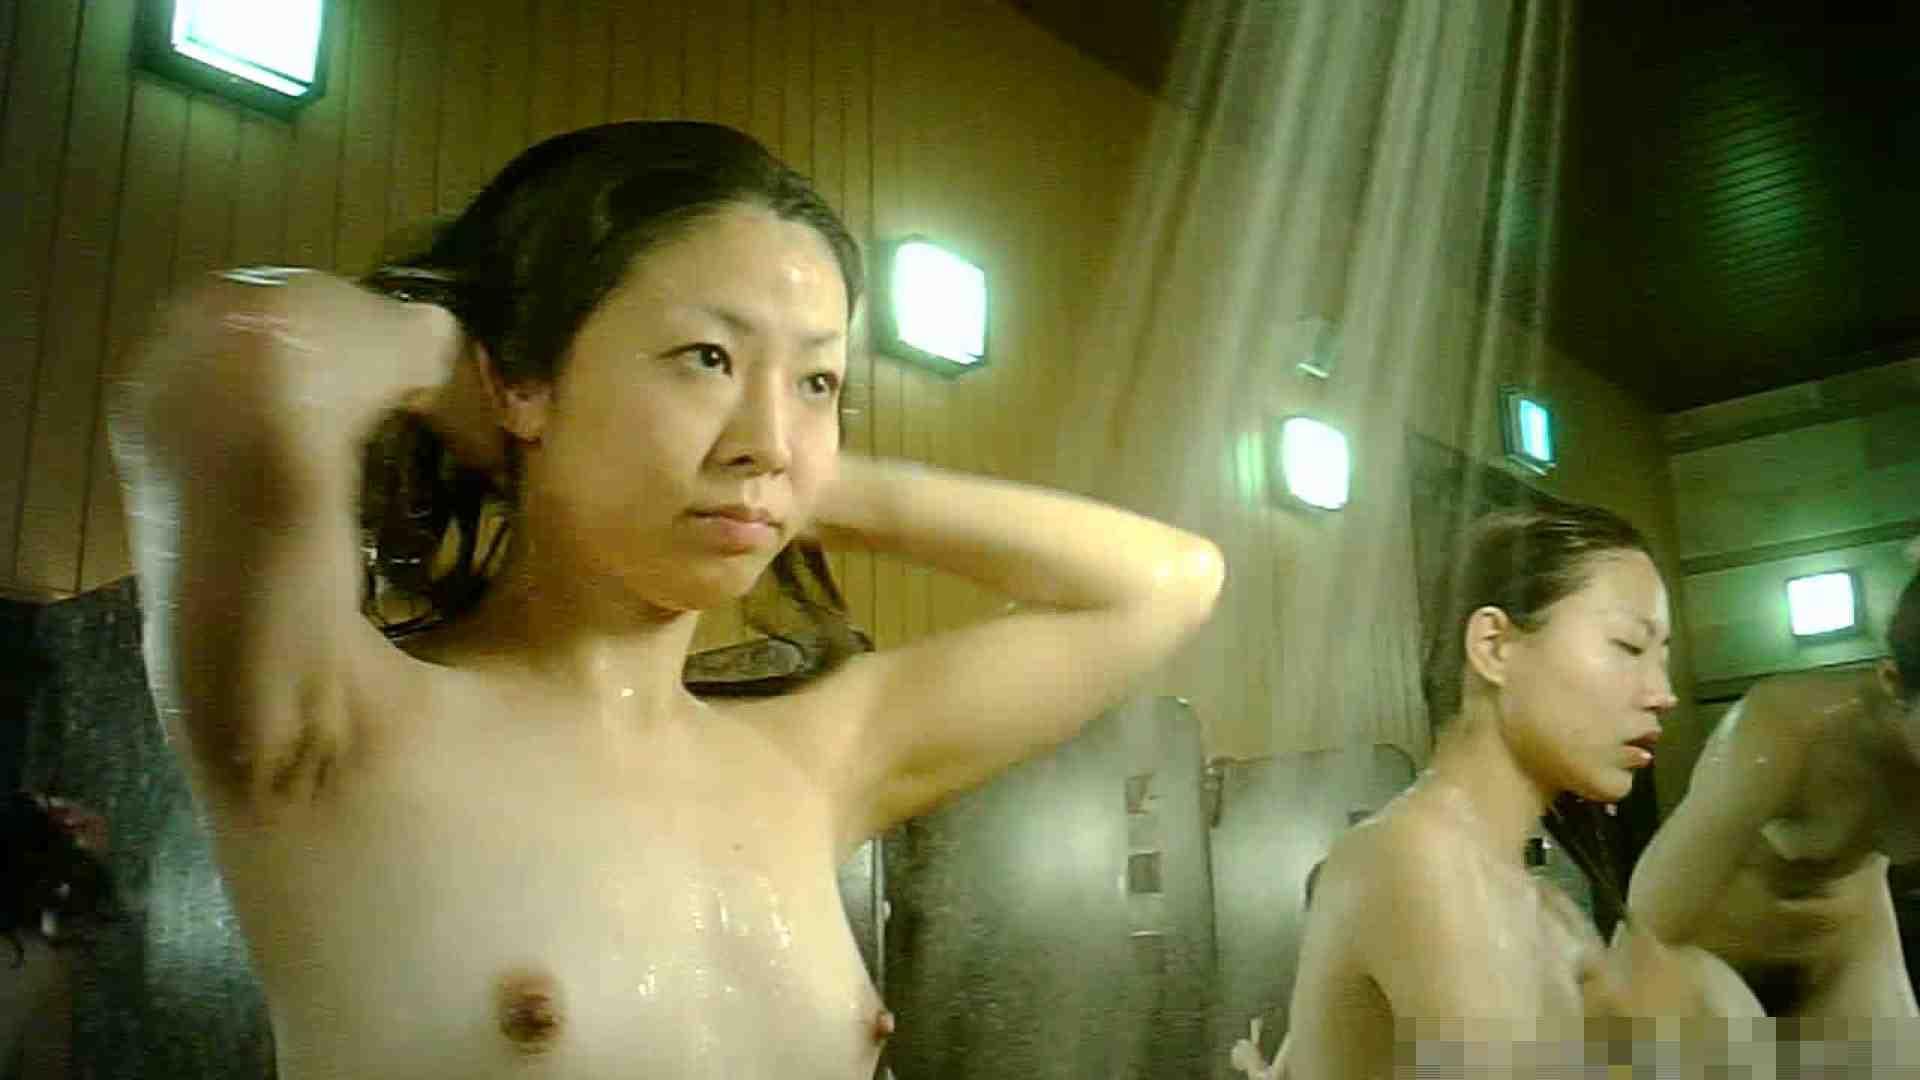 Vol.51 追い撮り!下着も顔もセクシー!洗い合いっこはナイスです。 潜入 覗き性交動画流出 105pic 70